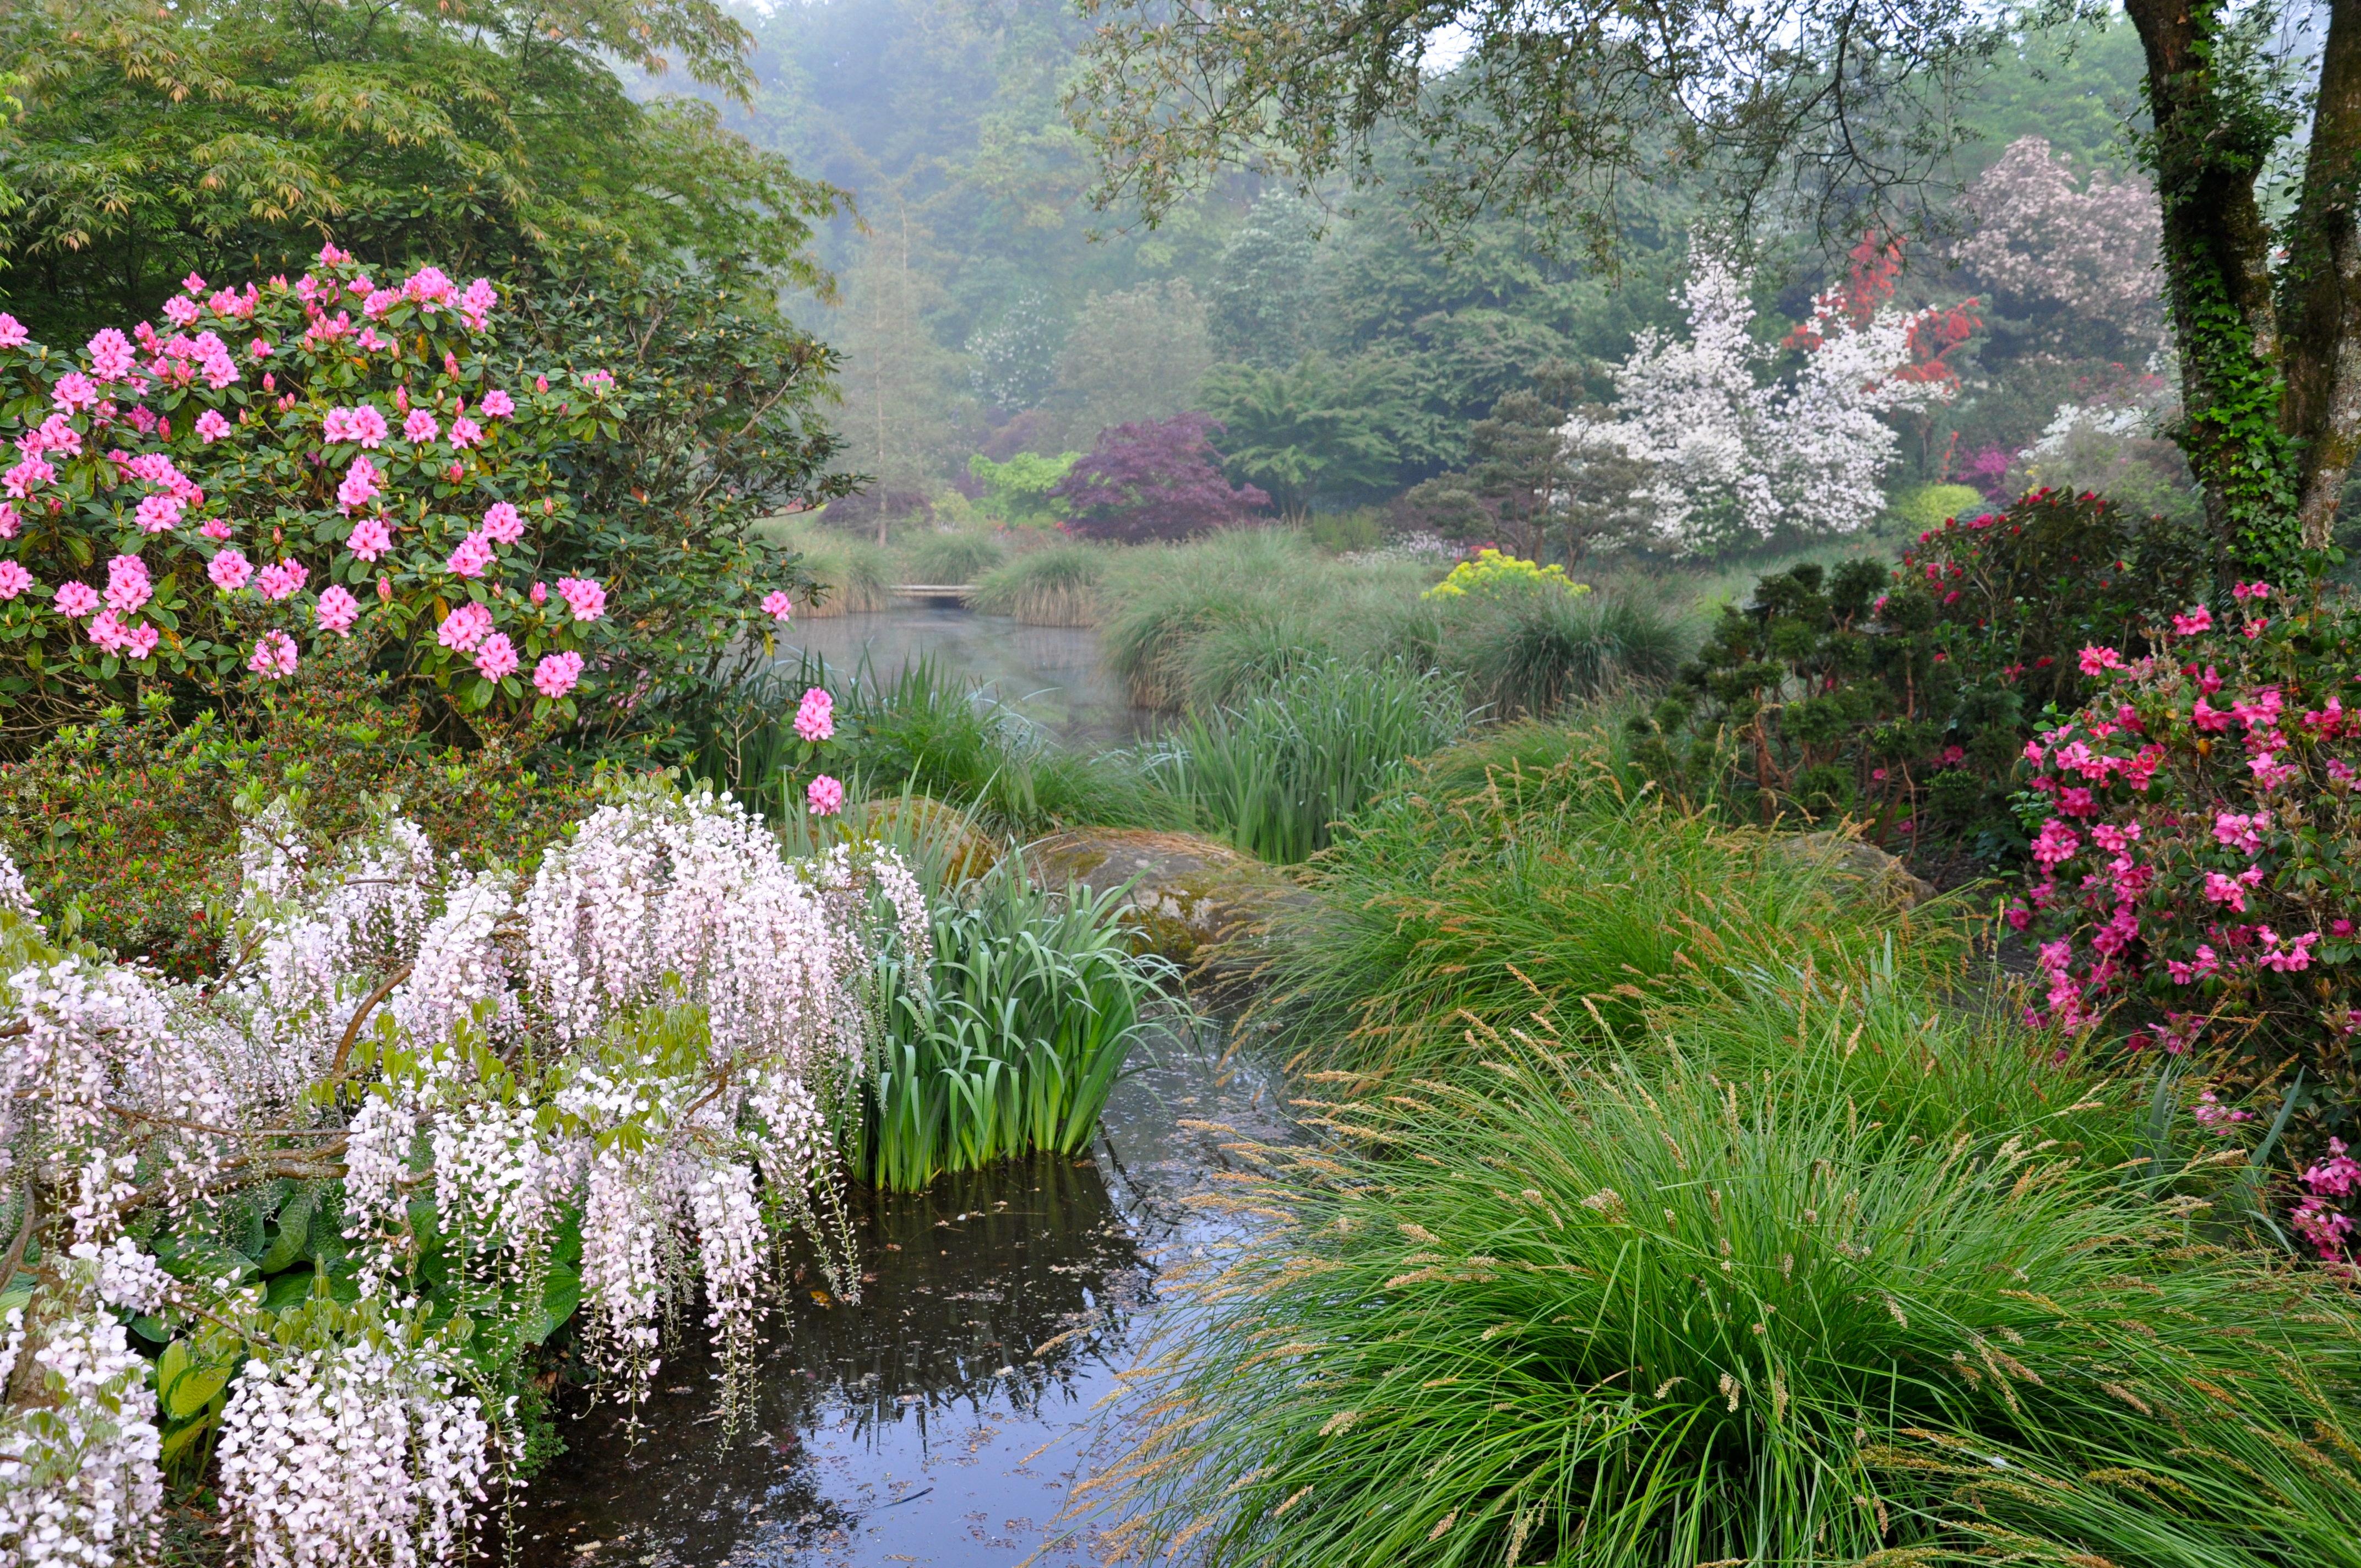 Liste des jardins portant le label jardin remarquable for Jardin remarquable